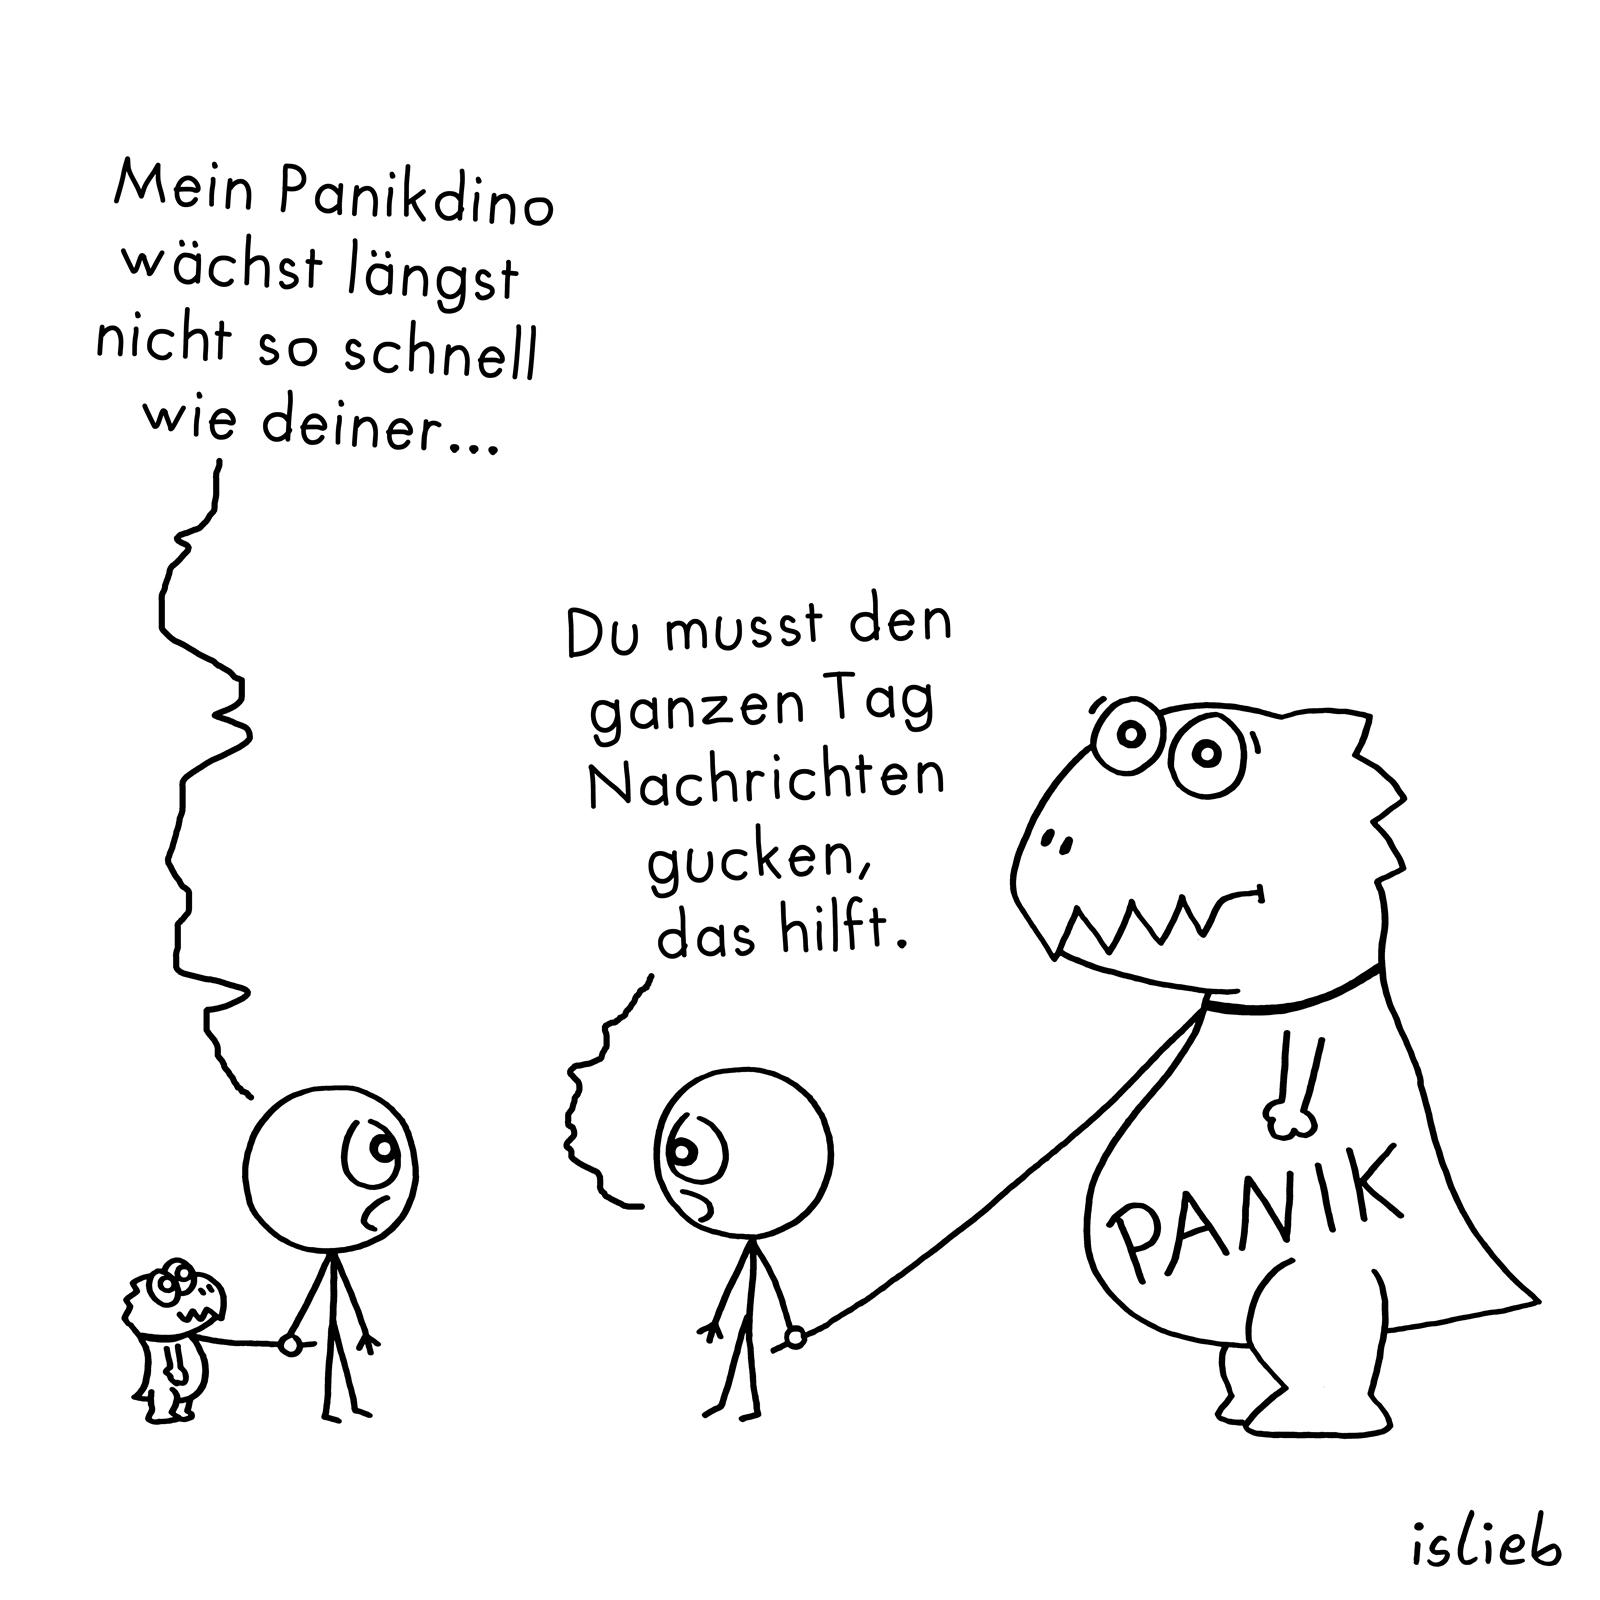 panikdino-islieb_483247_8505_.jpg